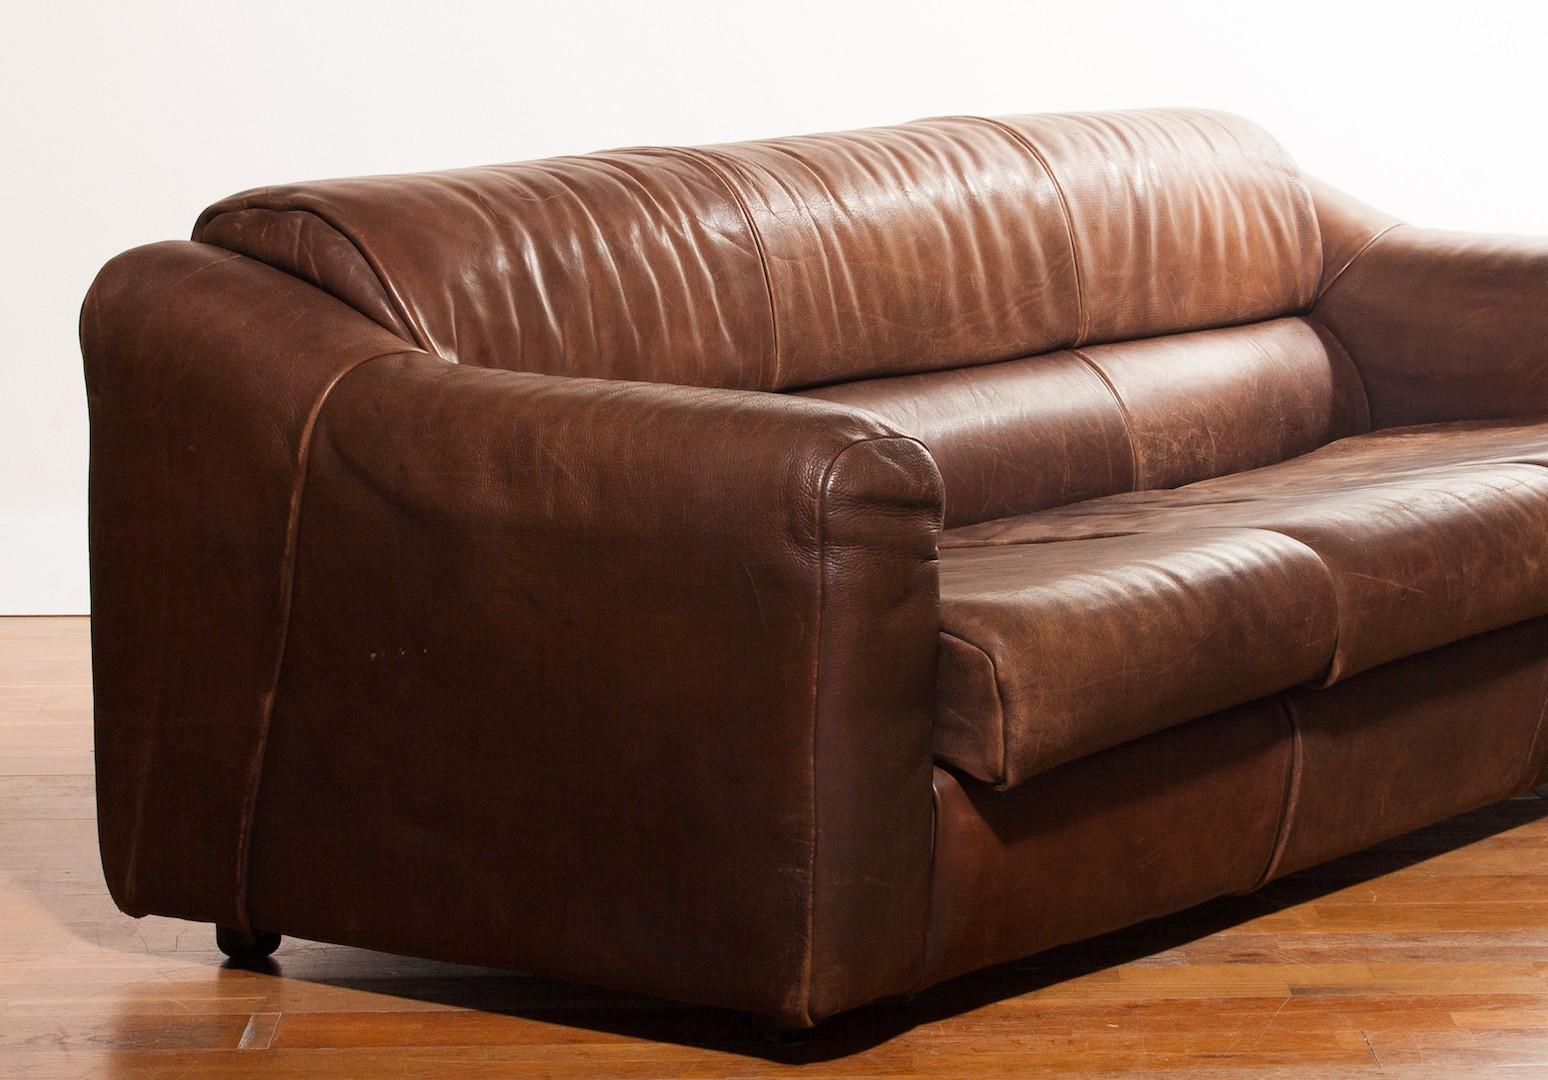 Buffalo leather 3-seater sofa - 1970s - Design Market